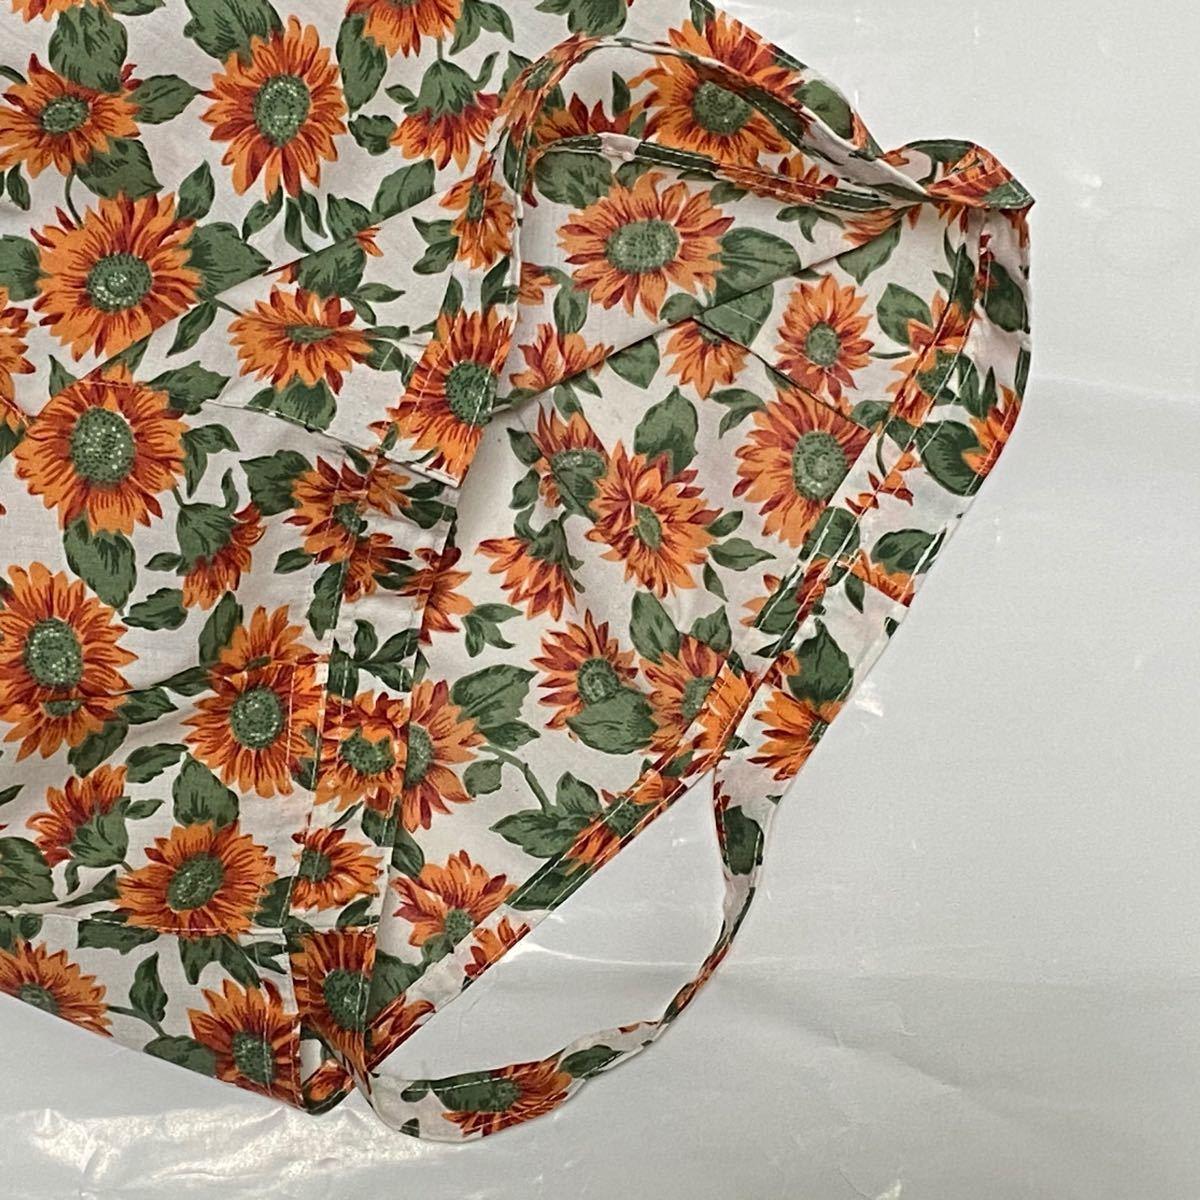 【マチ付き】ハンカチエコバッグ 花柄、無地 折りたたみバッグ ハンドメイド